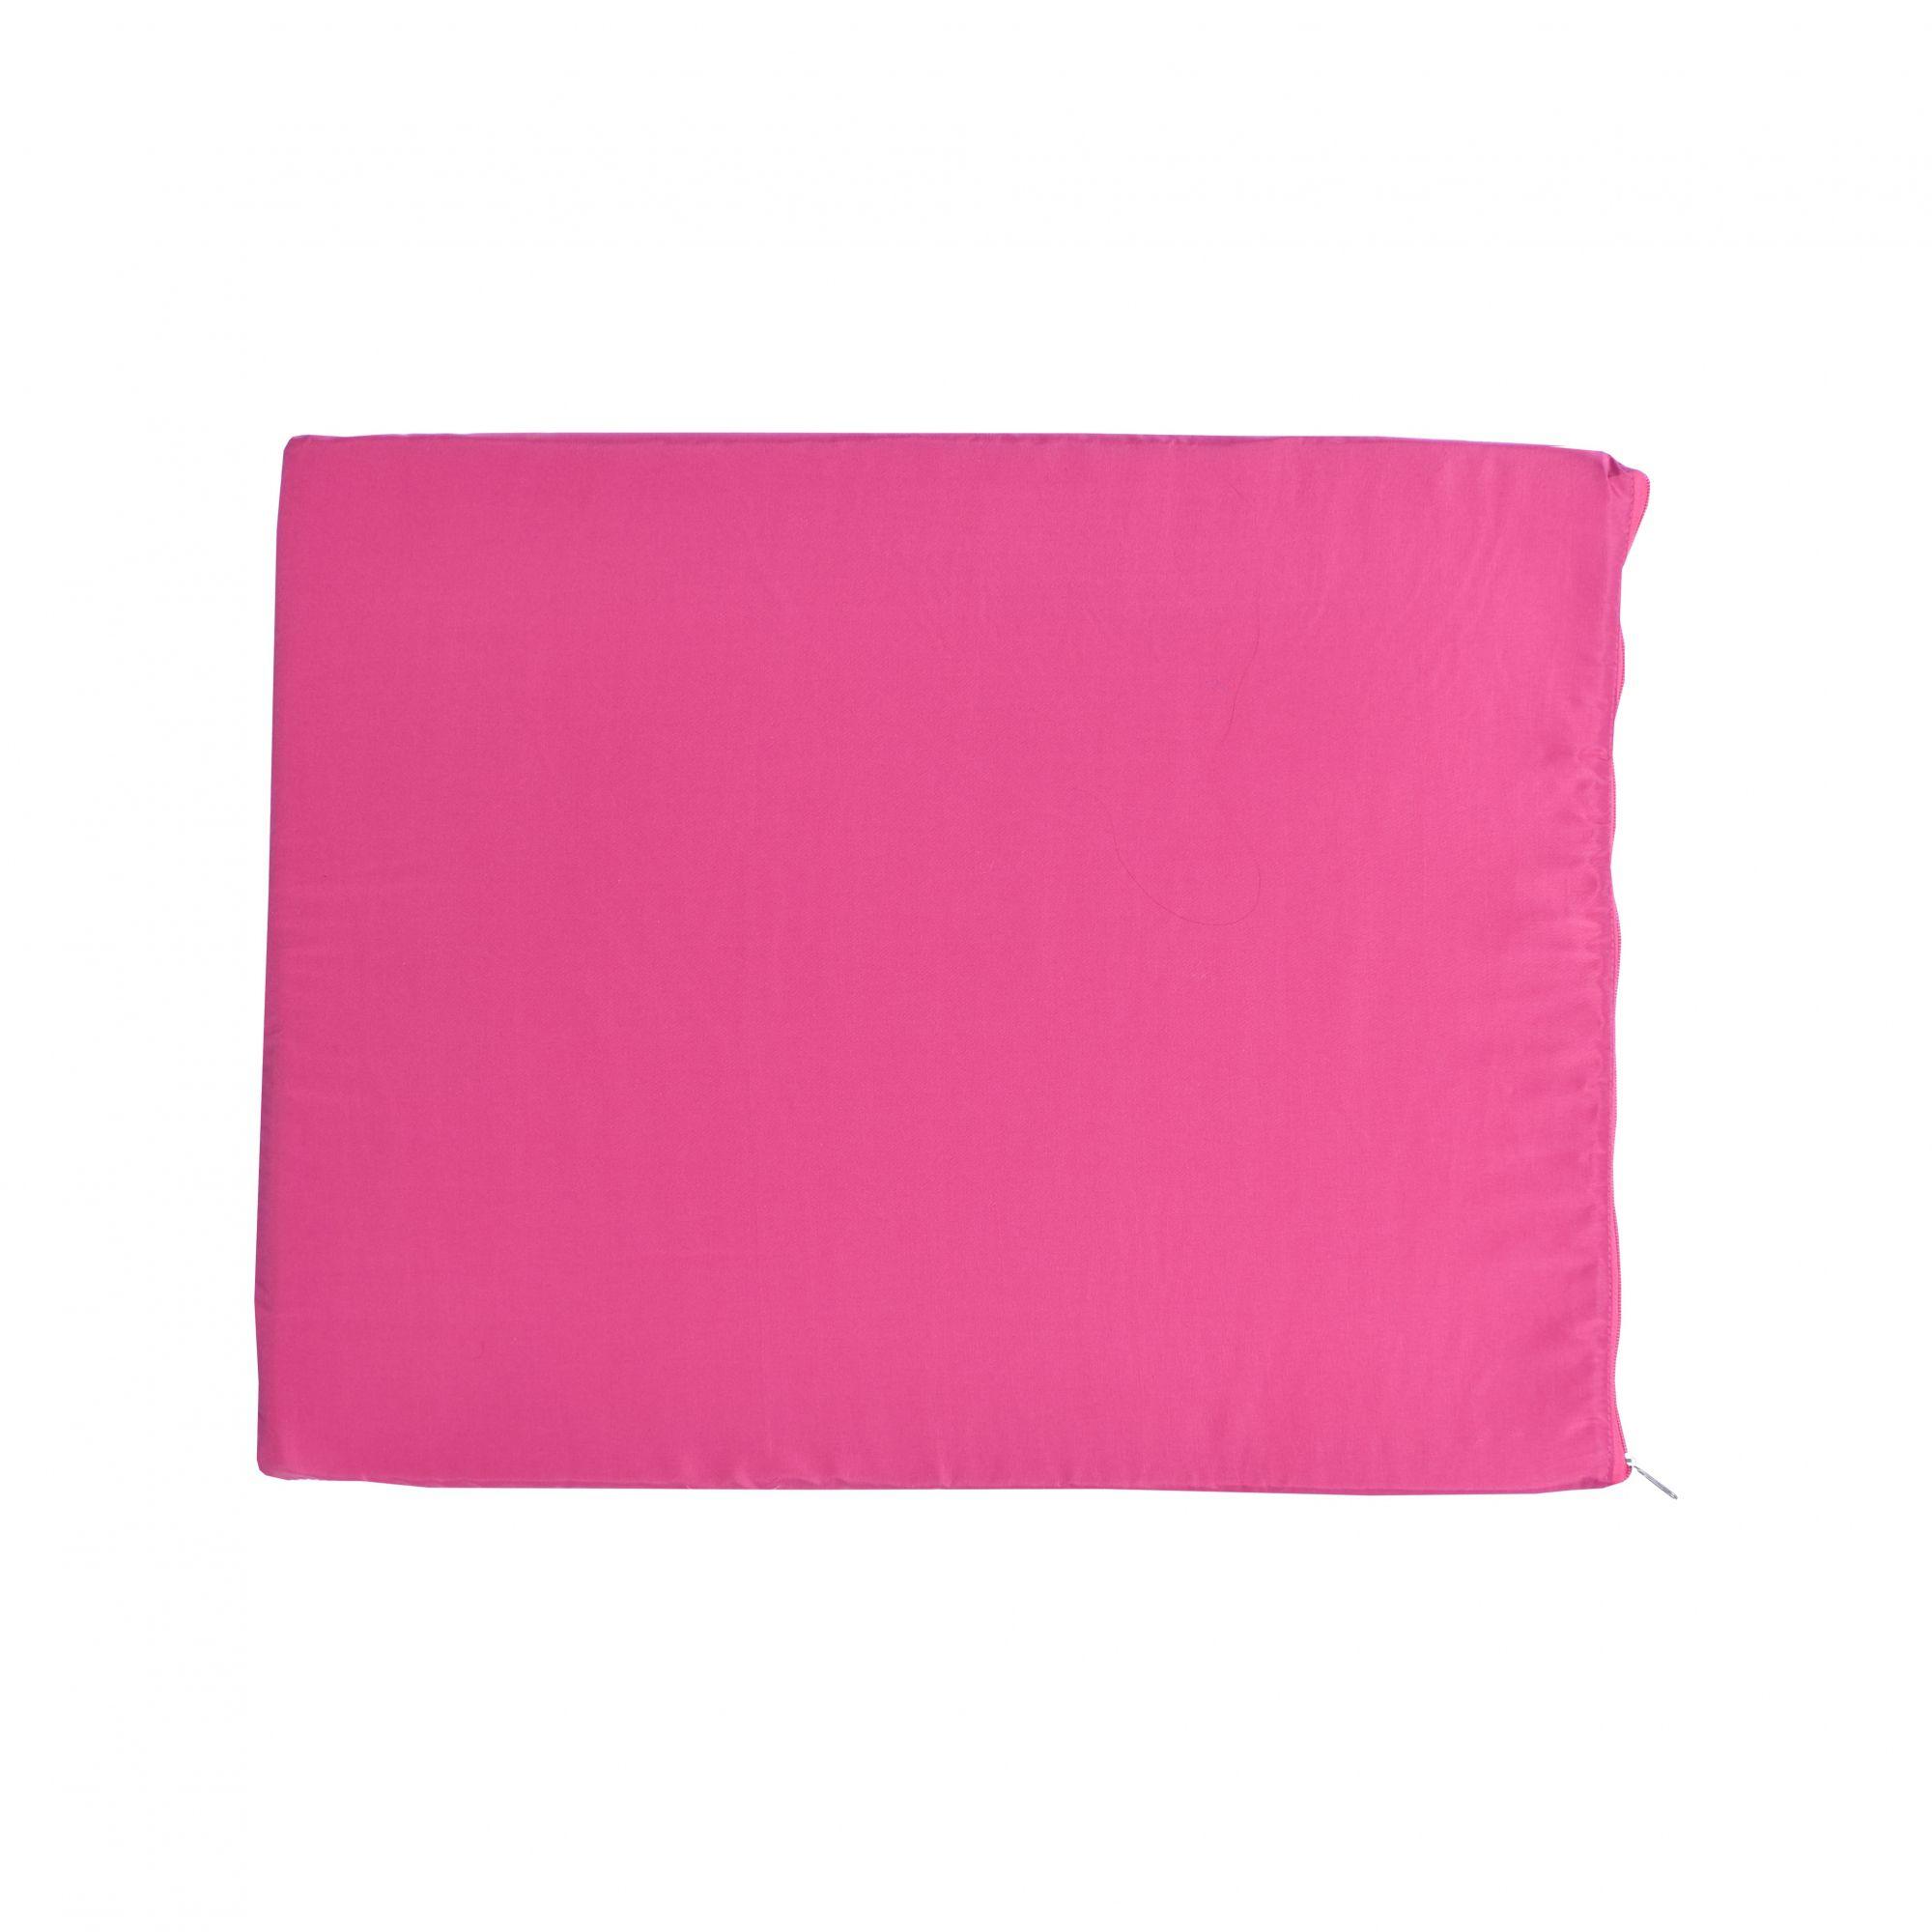 Kit Casinha Madeira 06 com Colchonete Rosa e placa de nome